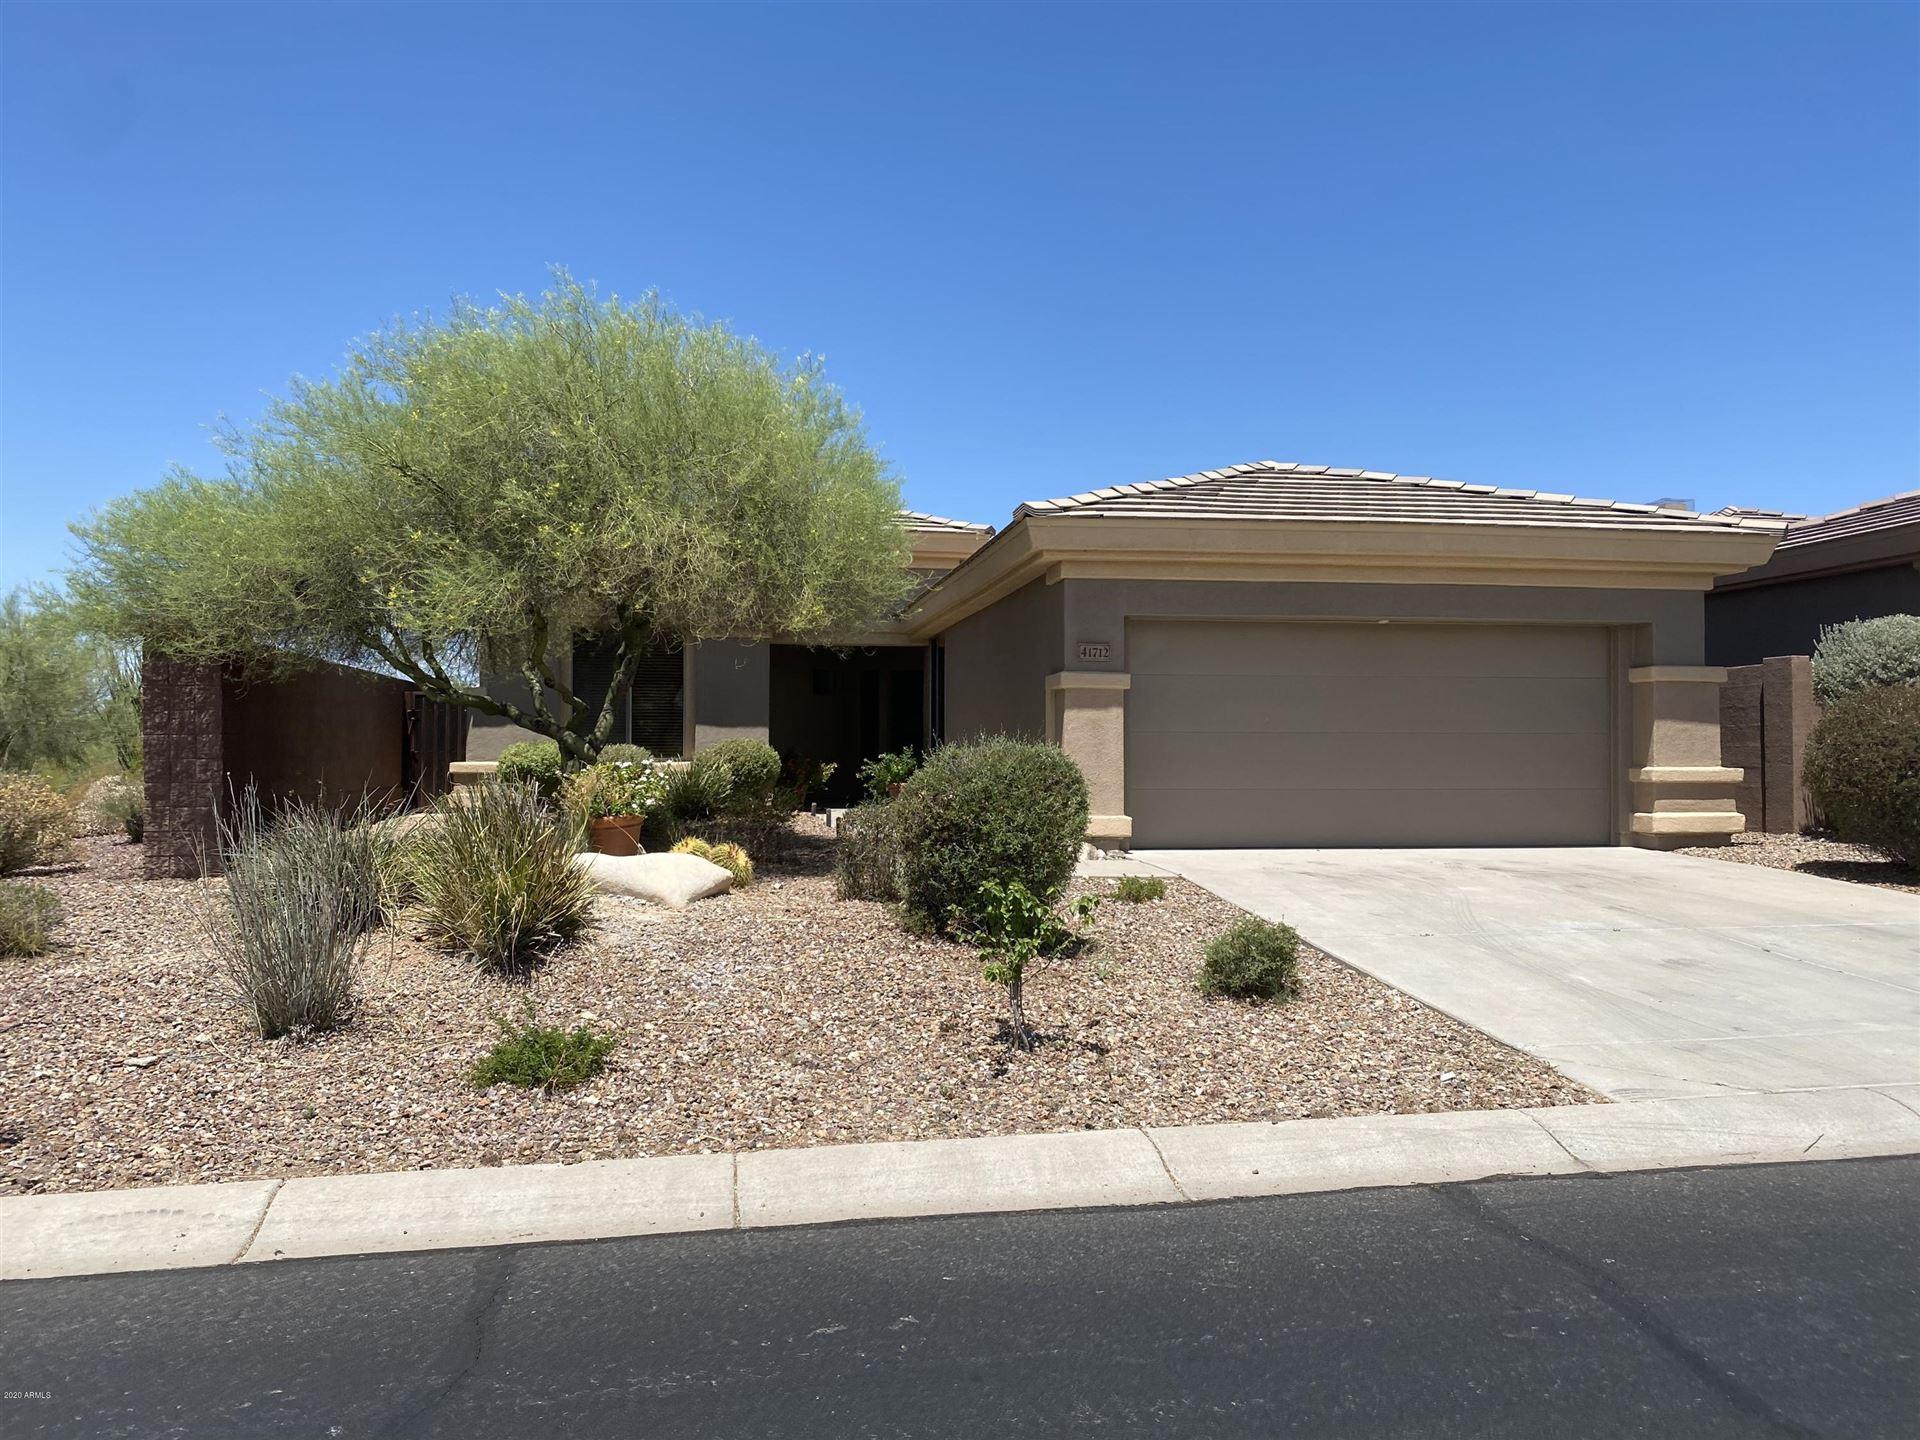 41712 N CROOKED STICK Road, Phoenix, AZ 85086 - MLS#: 6107491